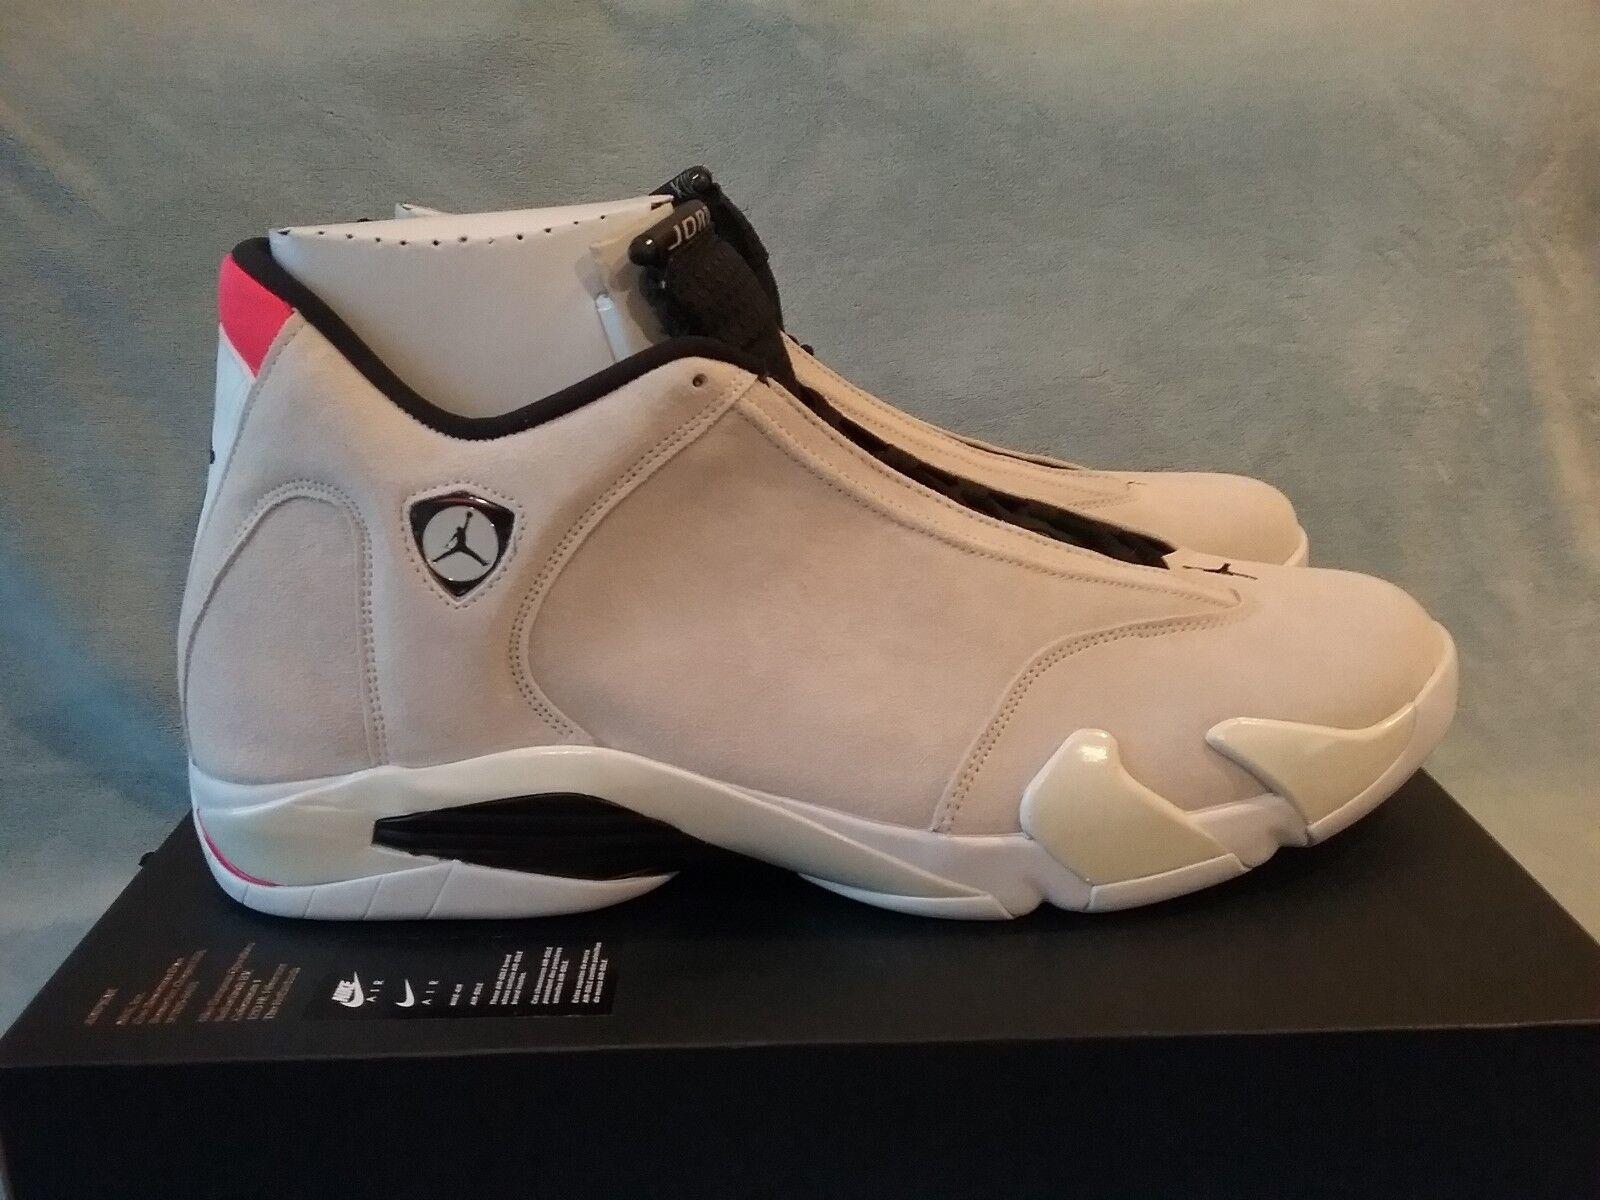 Nike Air Jordan 14 retro 487471021 arena del desierto blanco 487471021 retro 084e1a